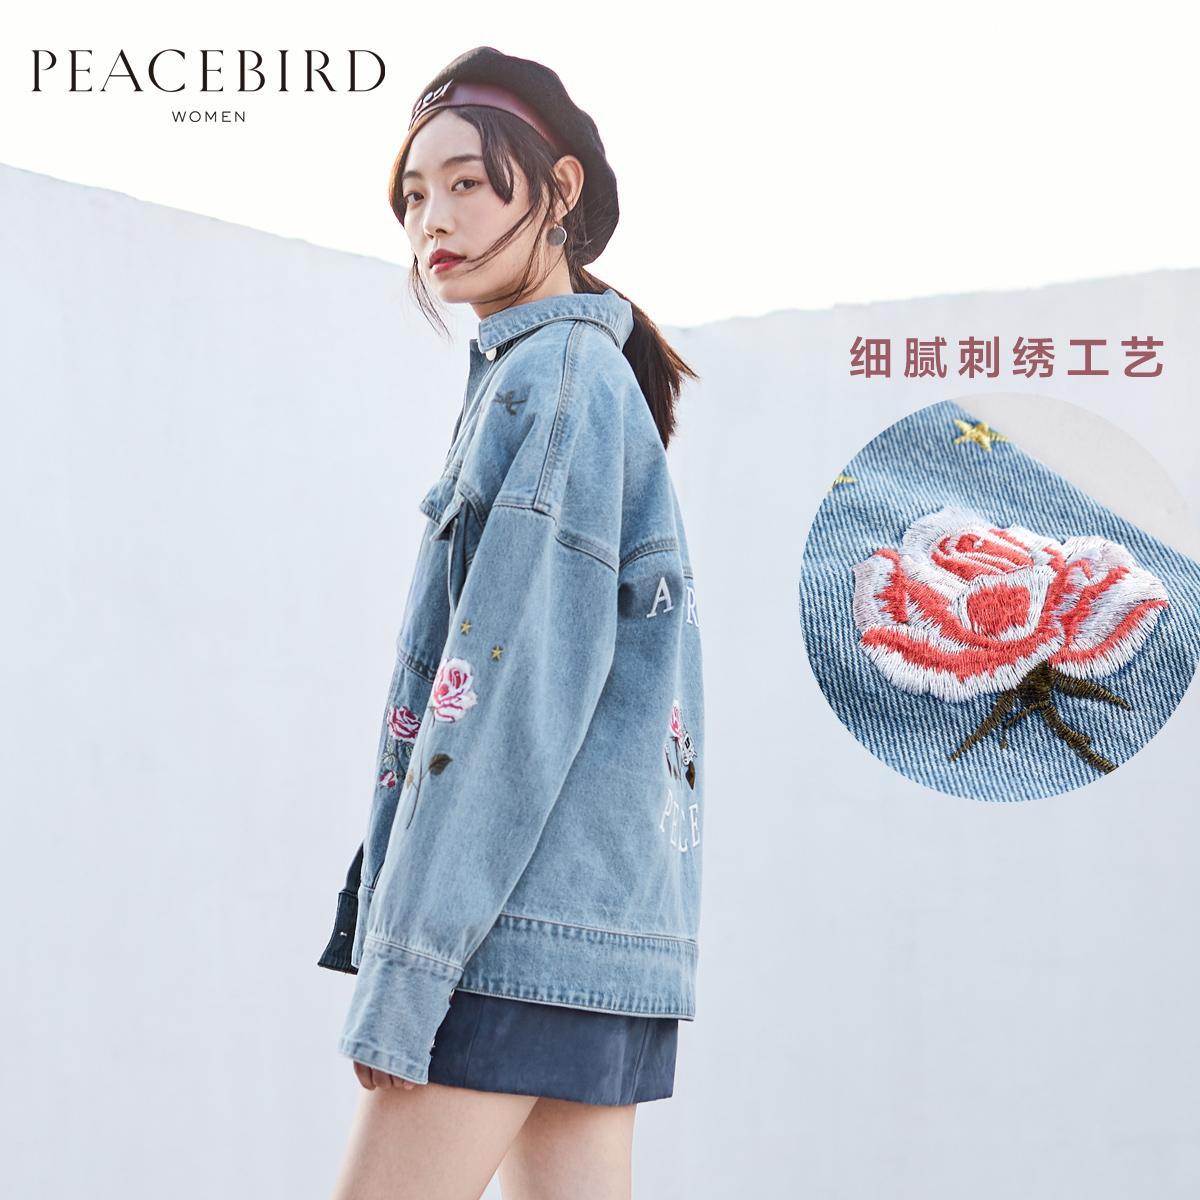 藍色刺繡牛仔外套女短款寬松秋季2018新款韓版長袖bf外套潮原宿風